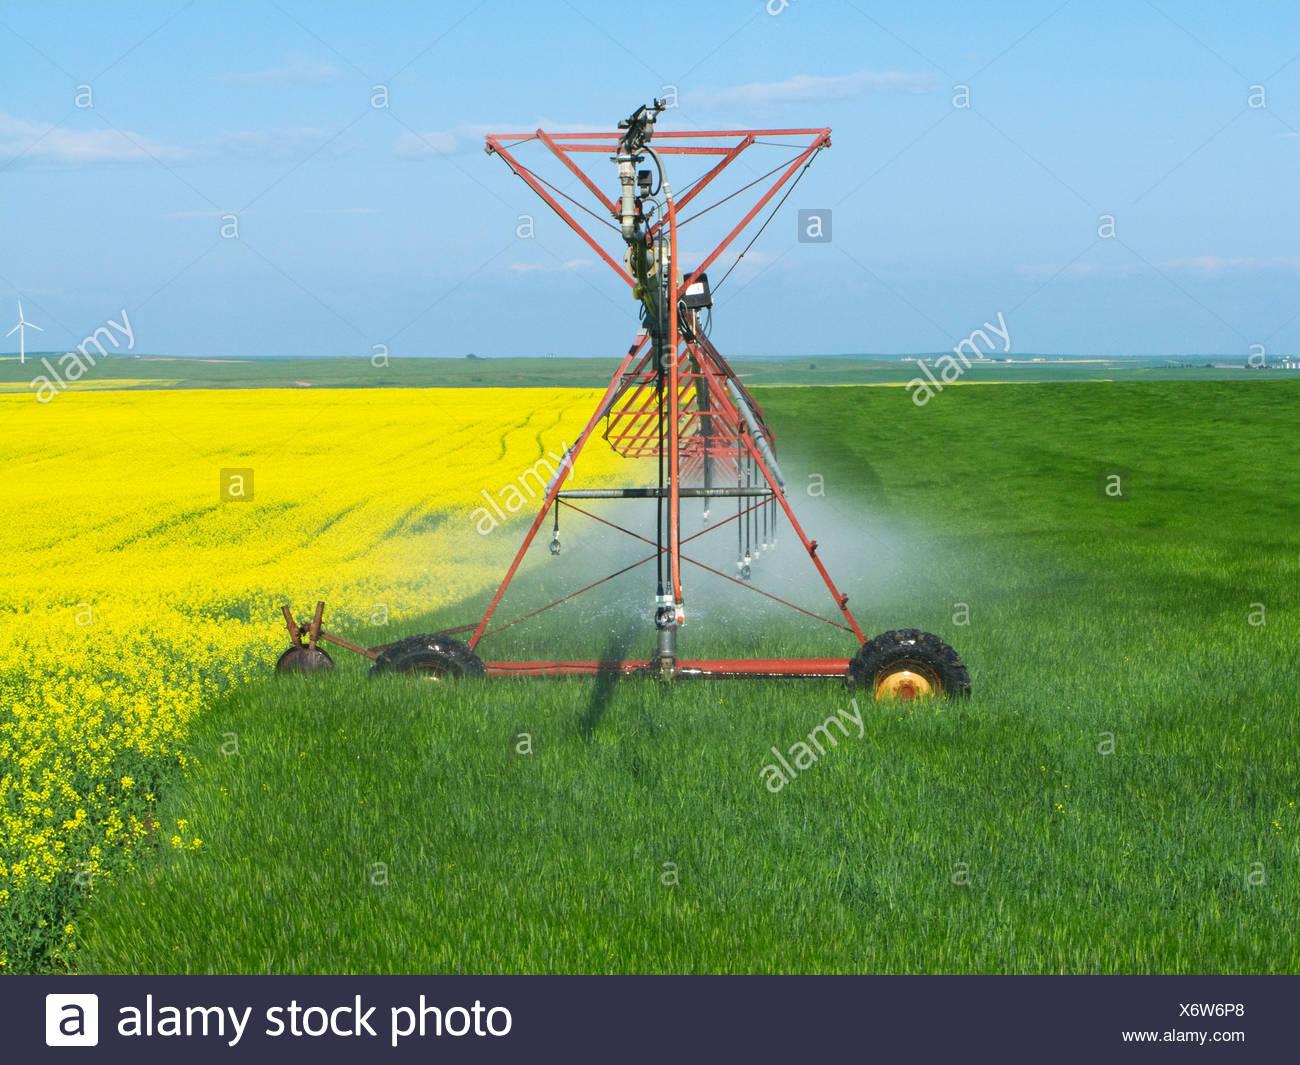 Un système d'irrigation à pivot central traversant d'un champ de canola en fleurs d'un champ de céréales céréales / de l'Alberta, au Canada. Photo Stock